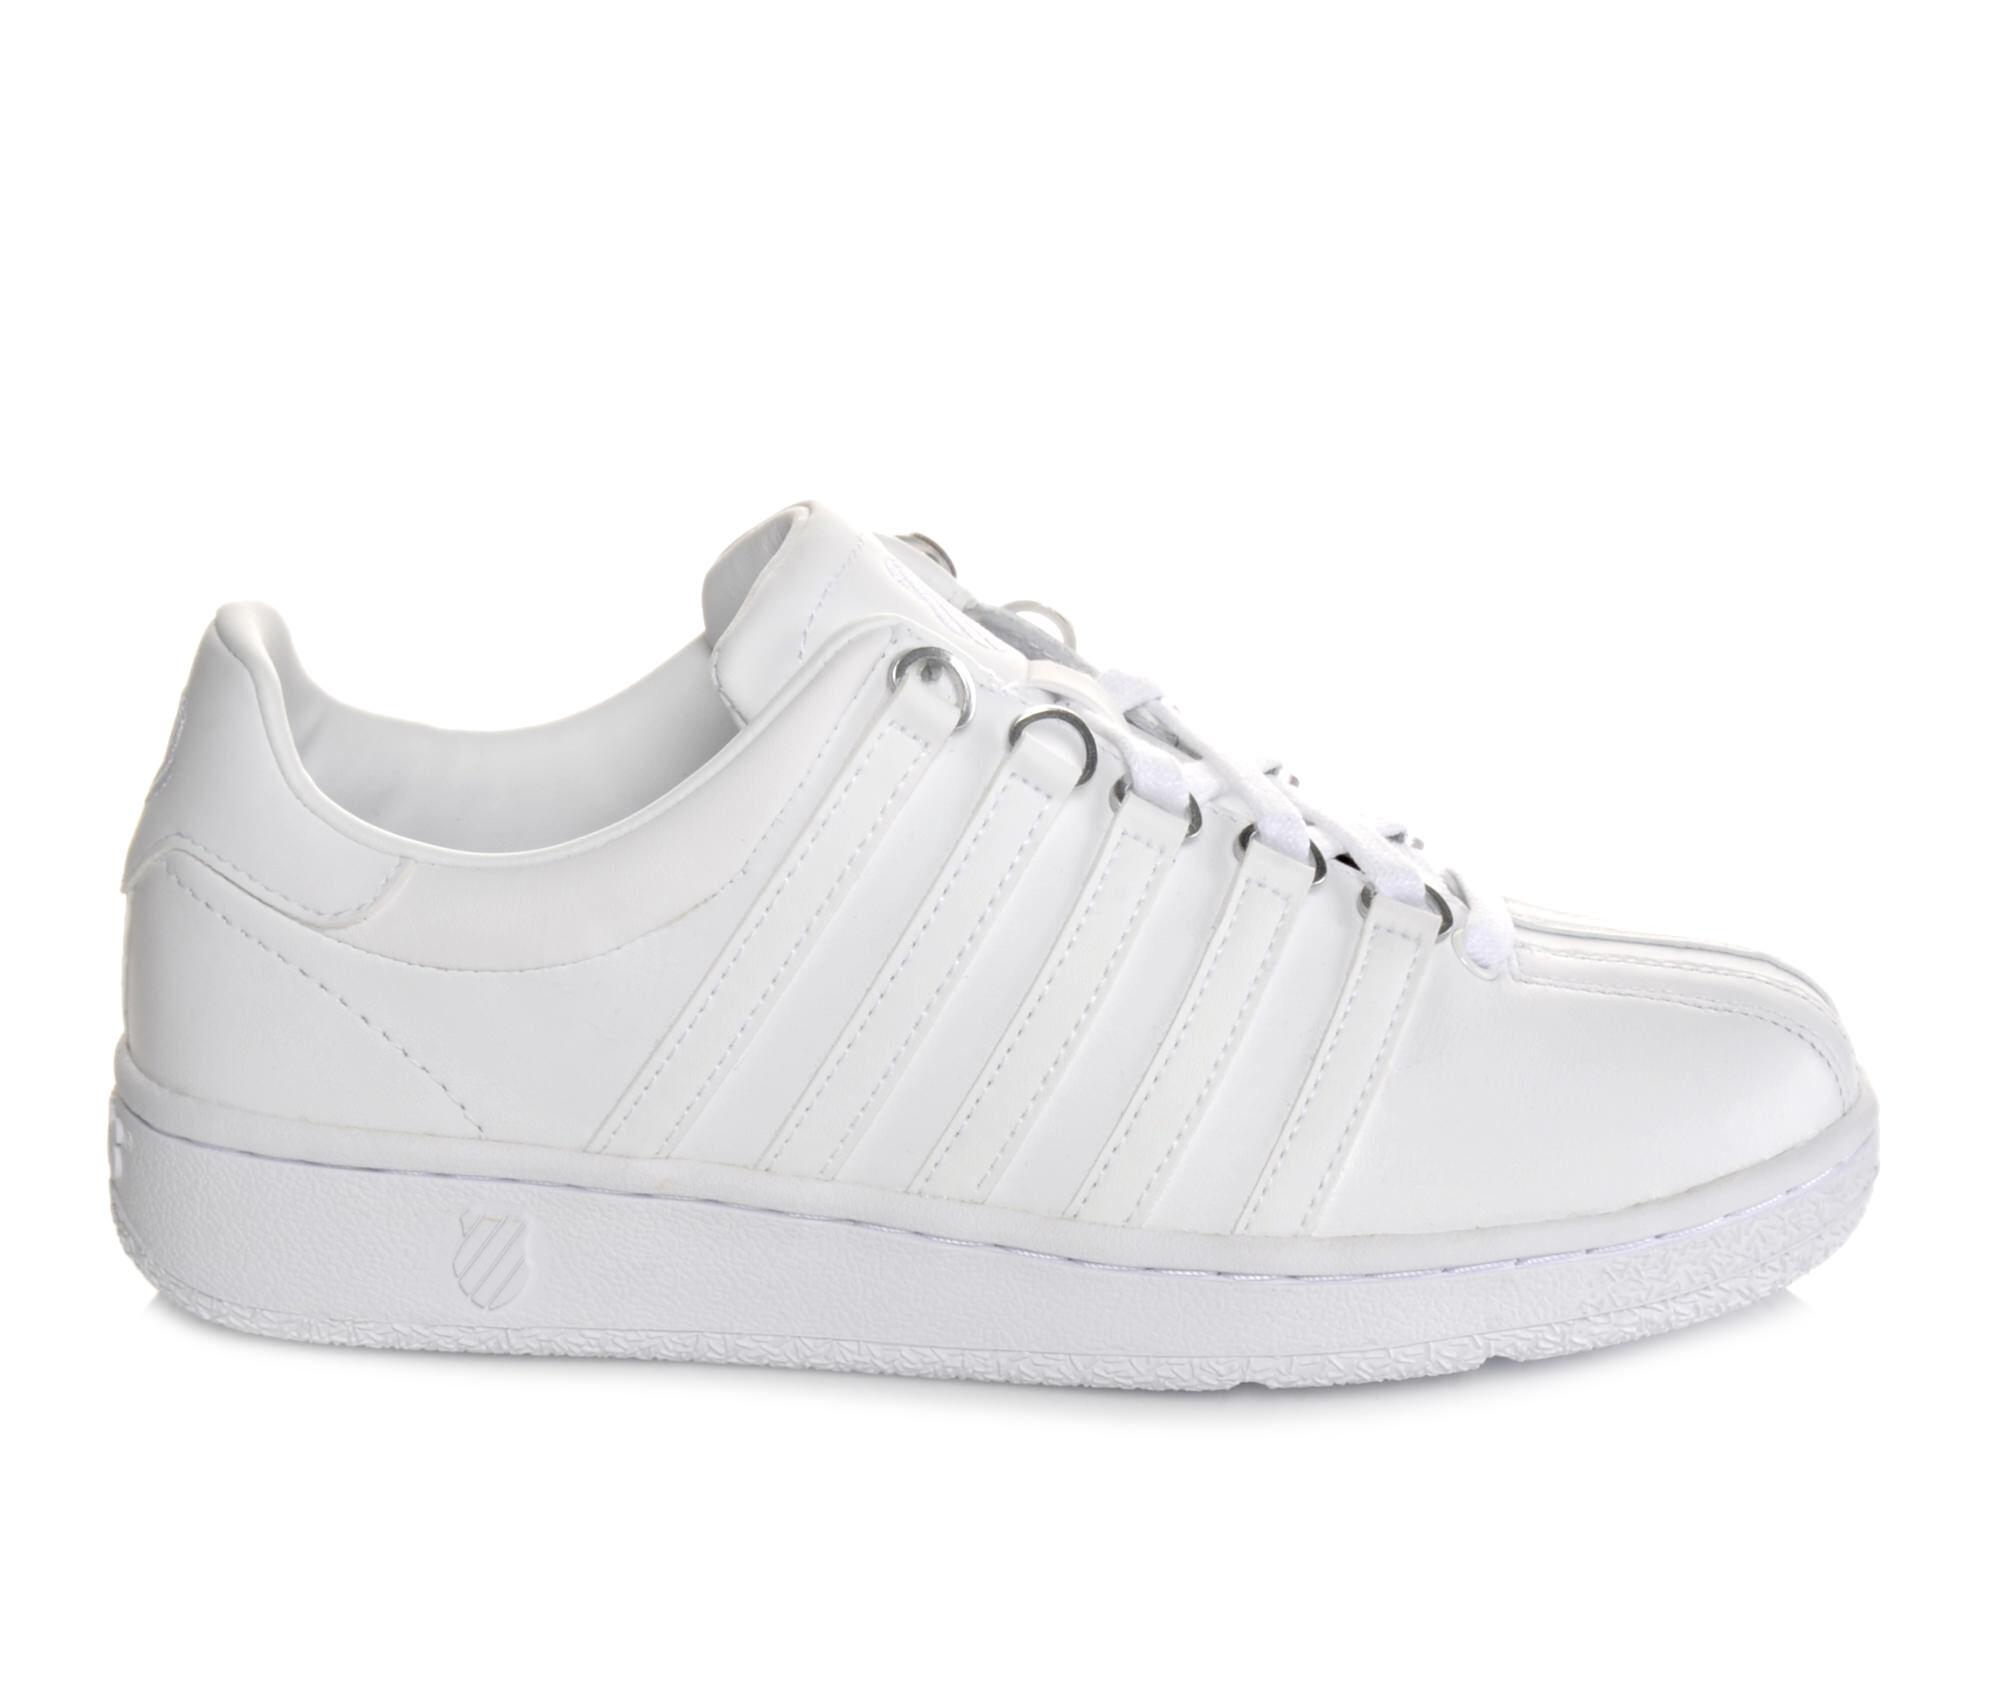 K-Swiss Shoes | Shoe Carnival